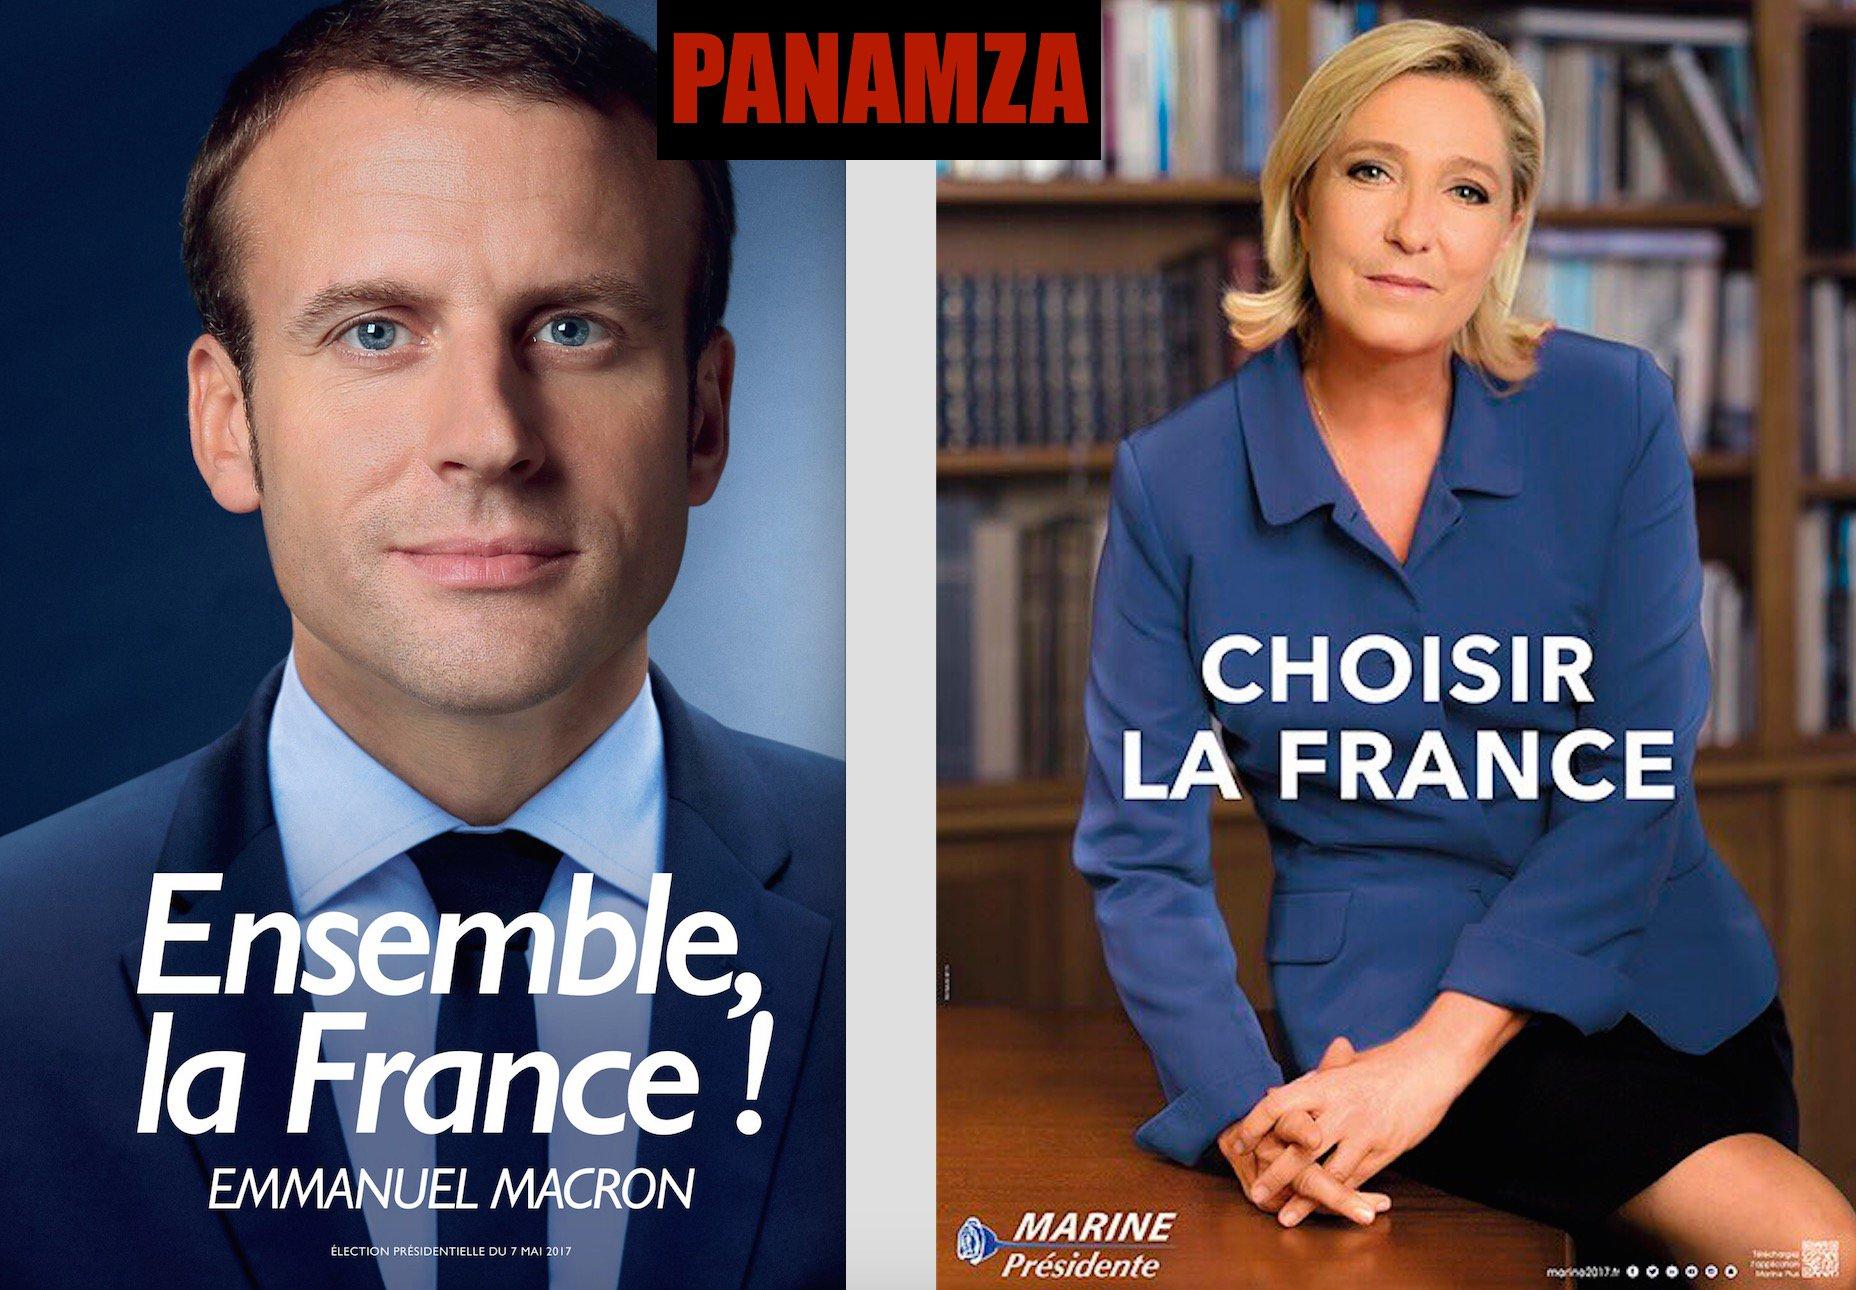 Vous avez un nom arabe et n'aimez pas Charlie Hebdo? Macron vous écartera, Le Pen dénoncera votre «islamisme radical»